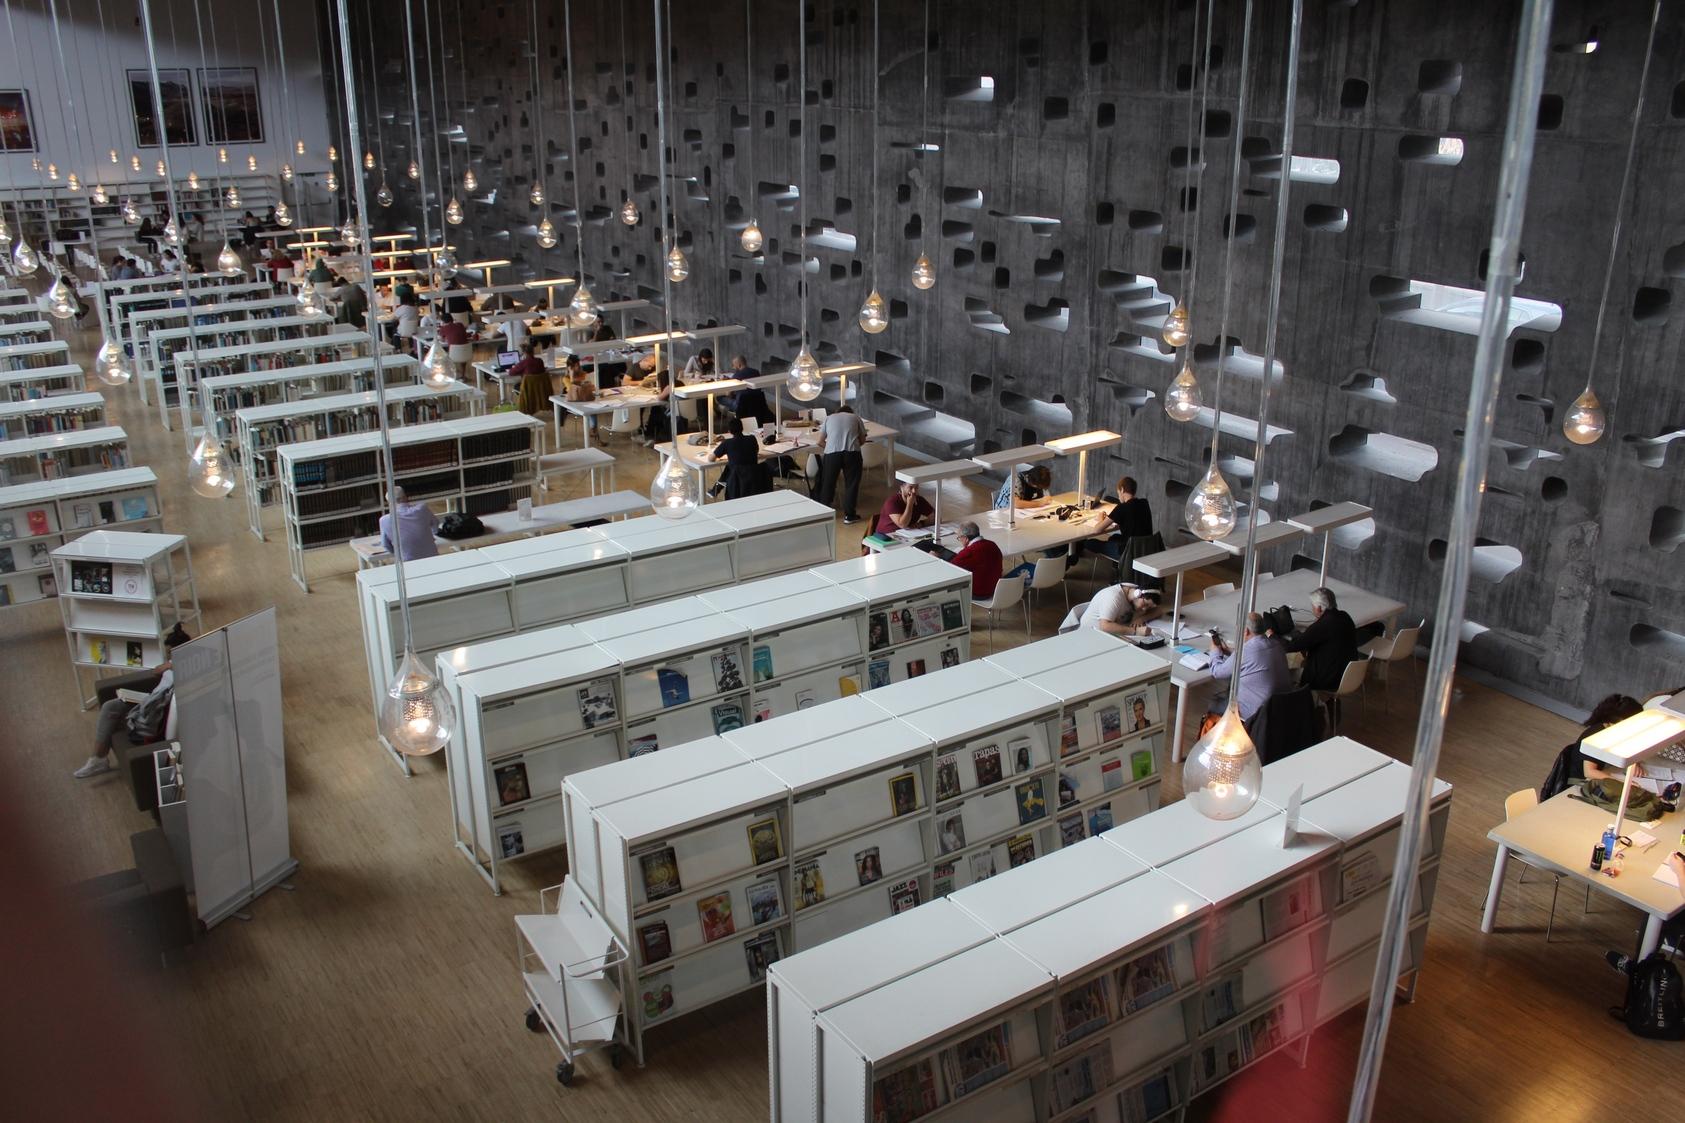 Aumenta el número de usuarios registrados en las bibliotecas de Santa Cruz